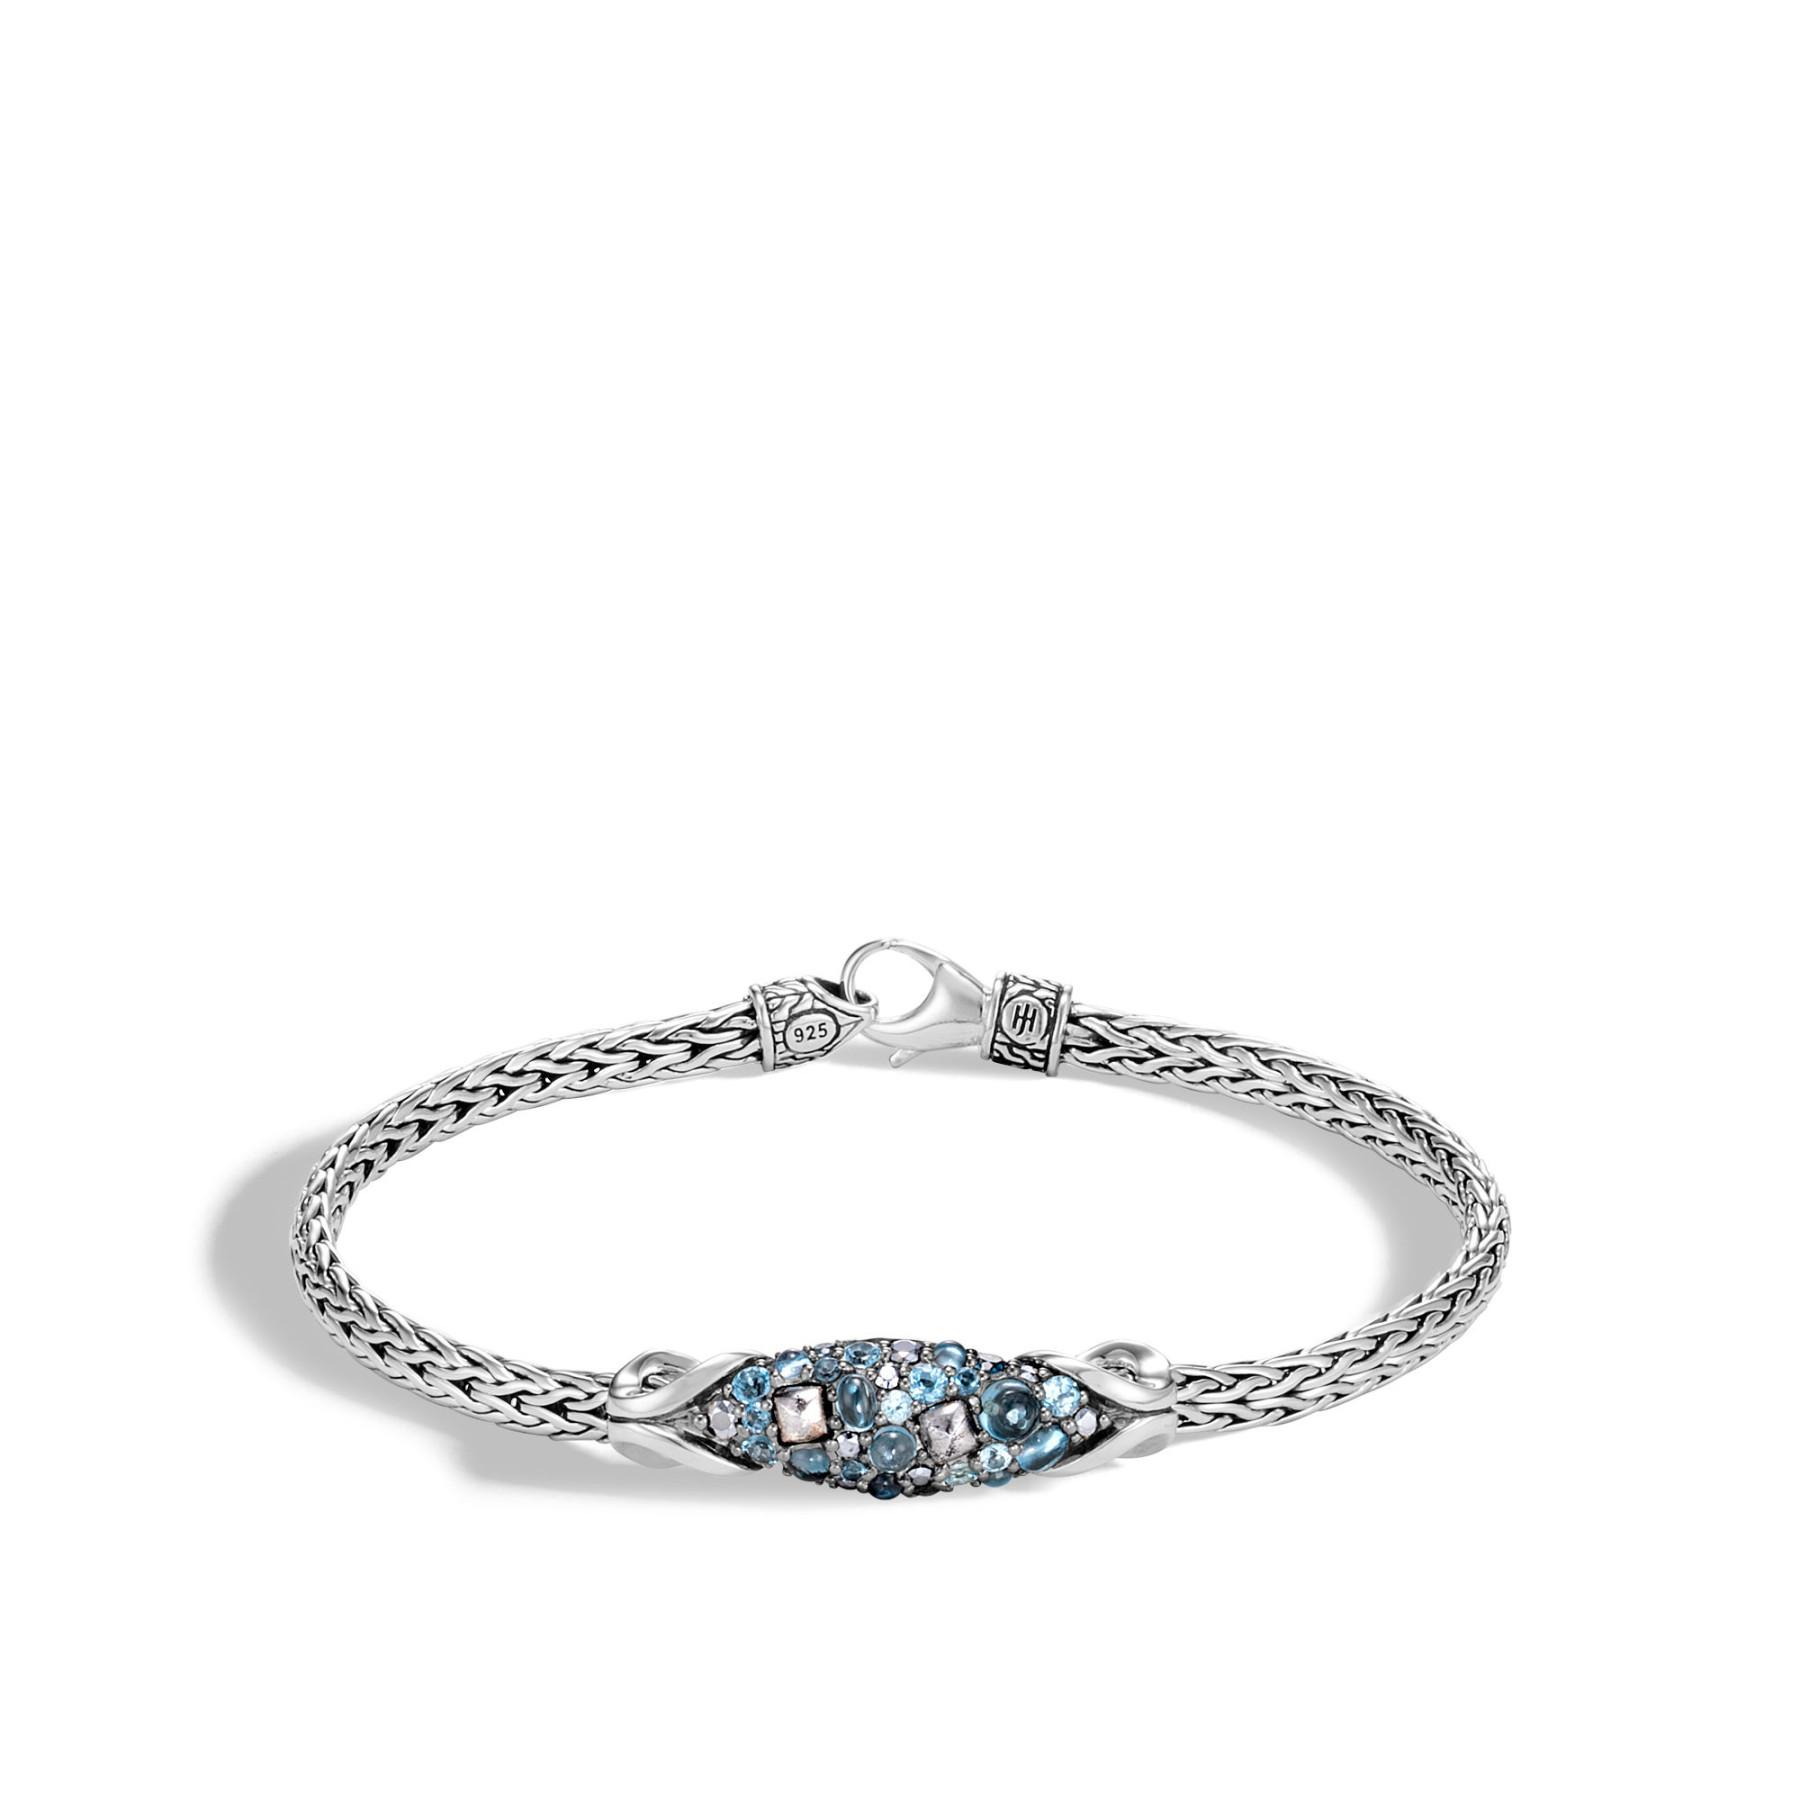 John Hardy Asli Classic Chain Swiss Blue Topaz Bracelet